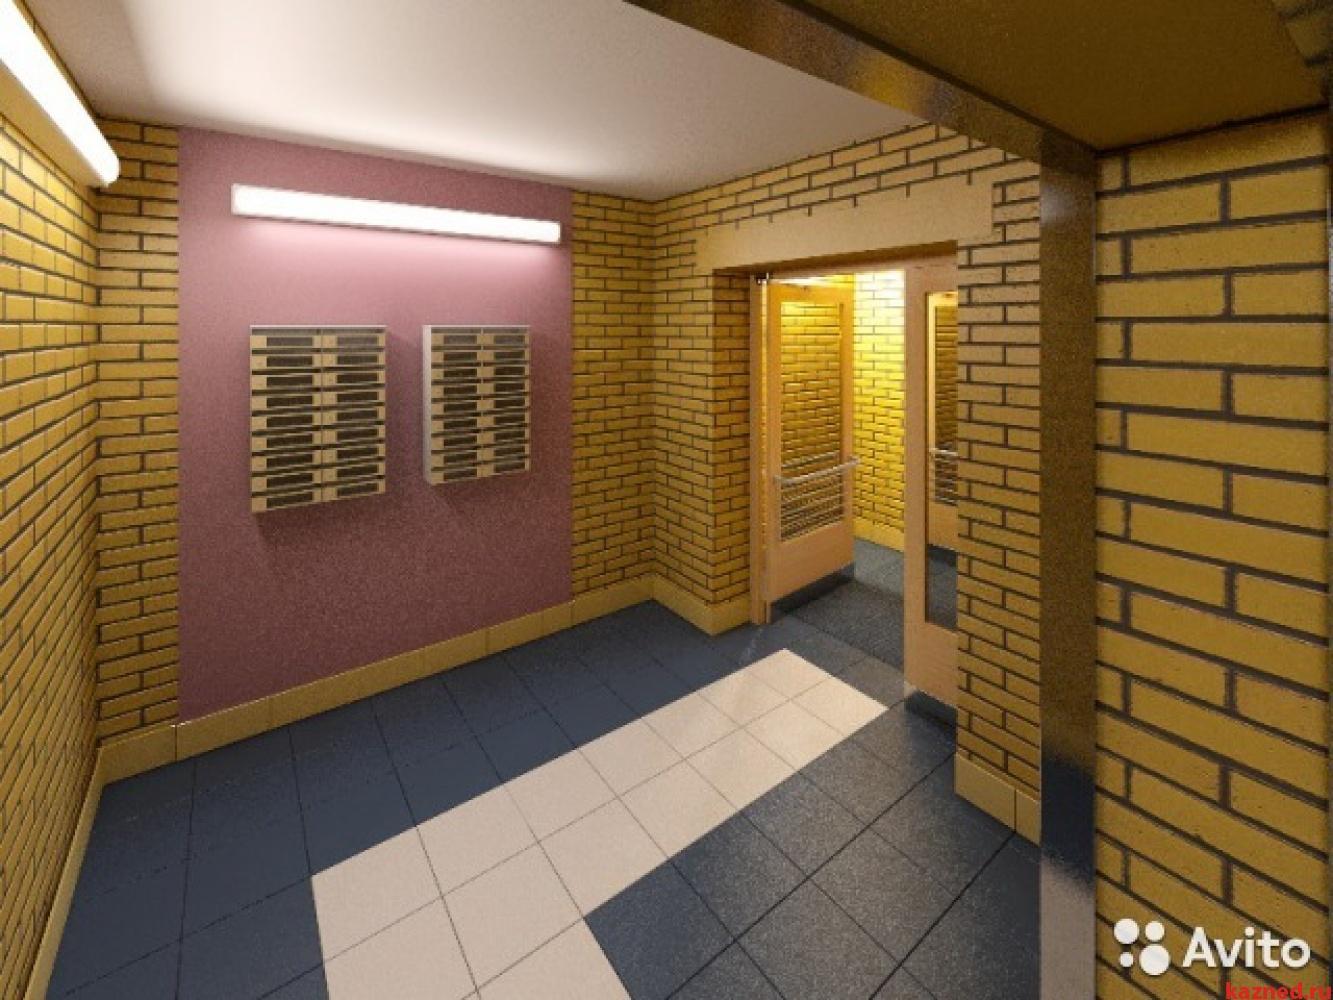 Продажа 2-к квартиры Мамадышский тракт, 64 м²  (миниатюра №4)